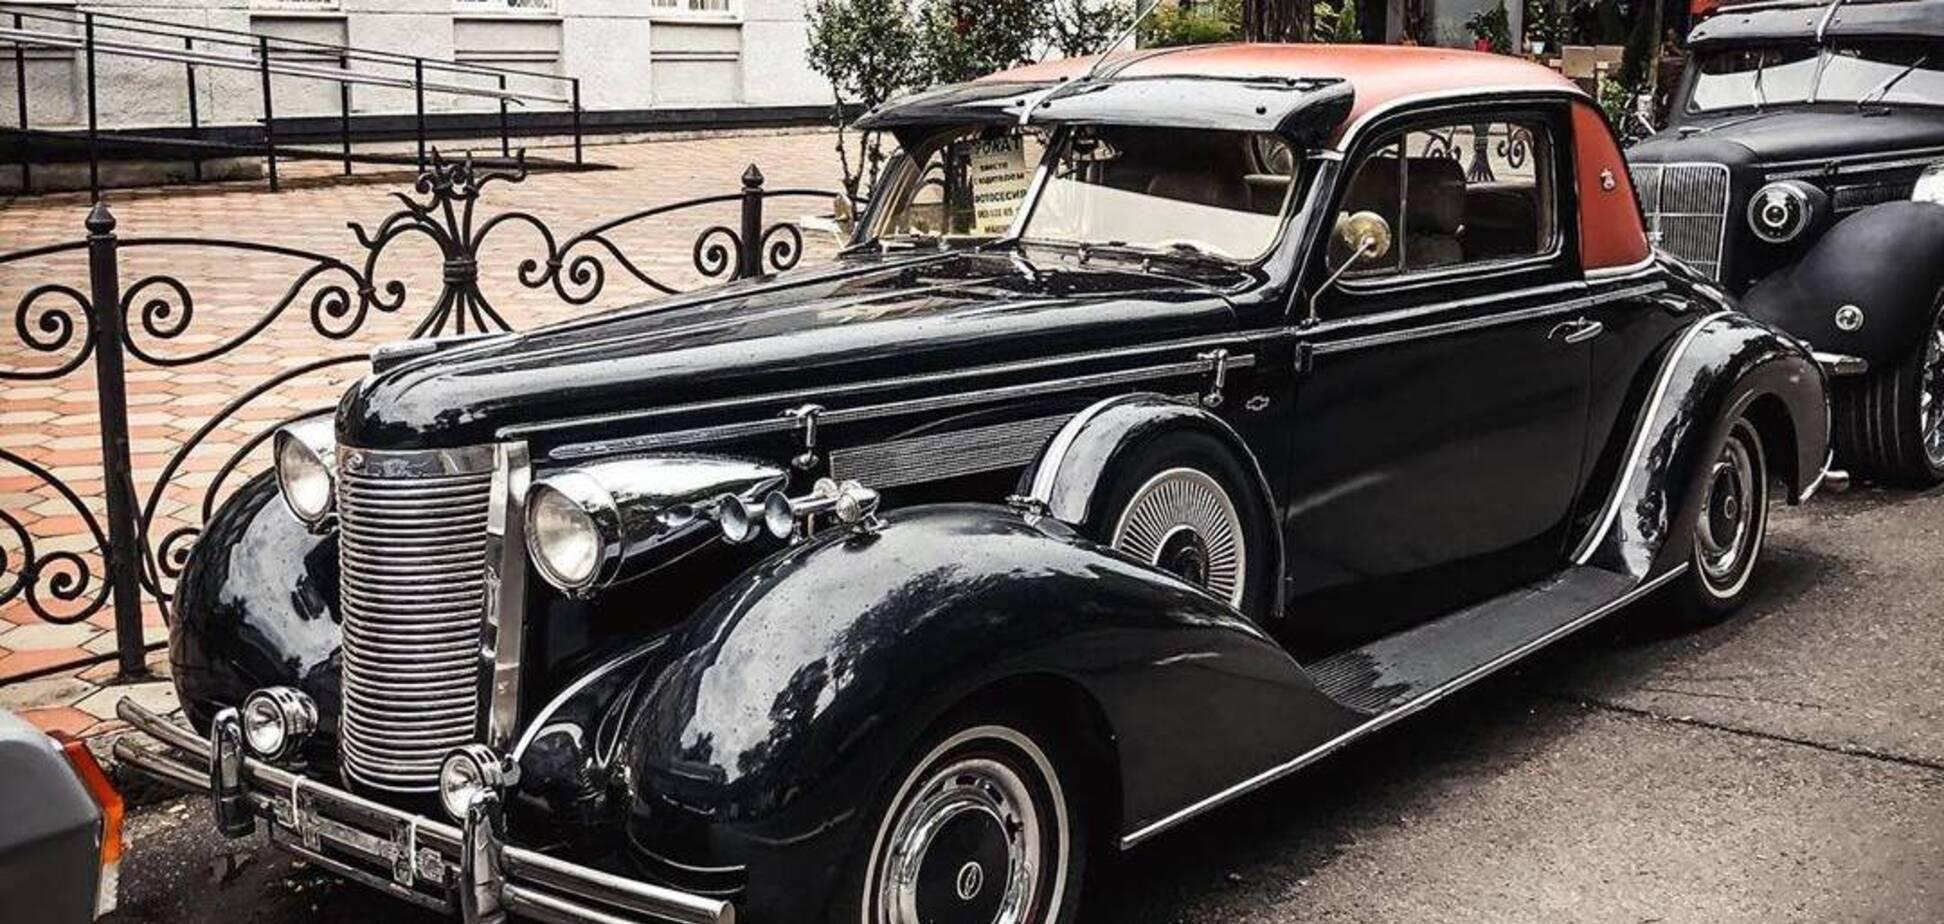 Унікальний Chevrolet 1938 року побачили в Україні. Фото: instagram.com/topcars_u.a